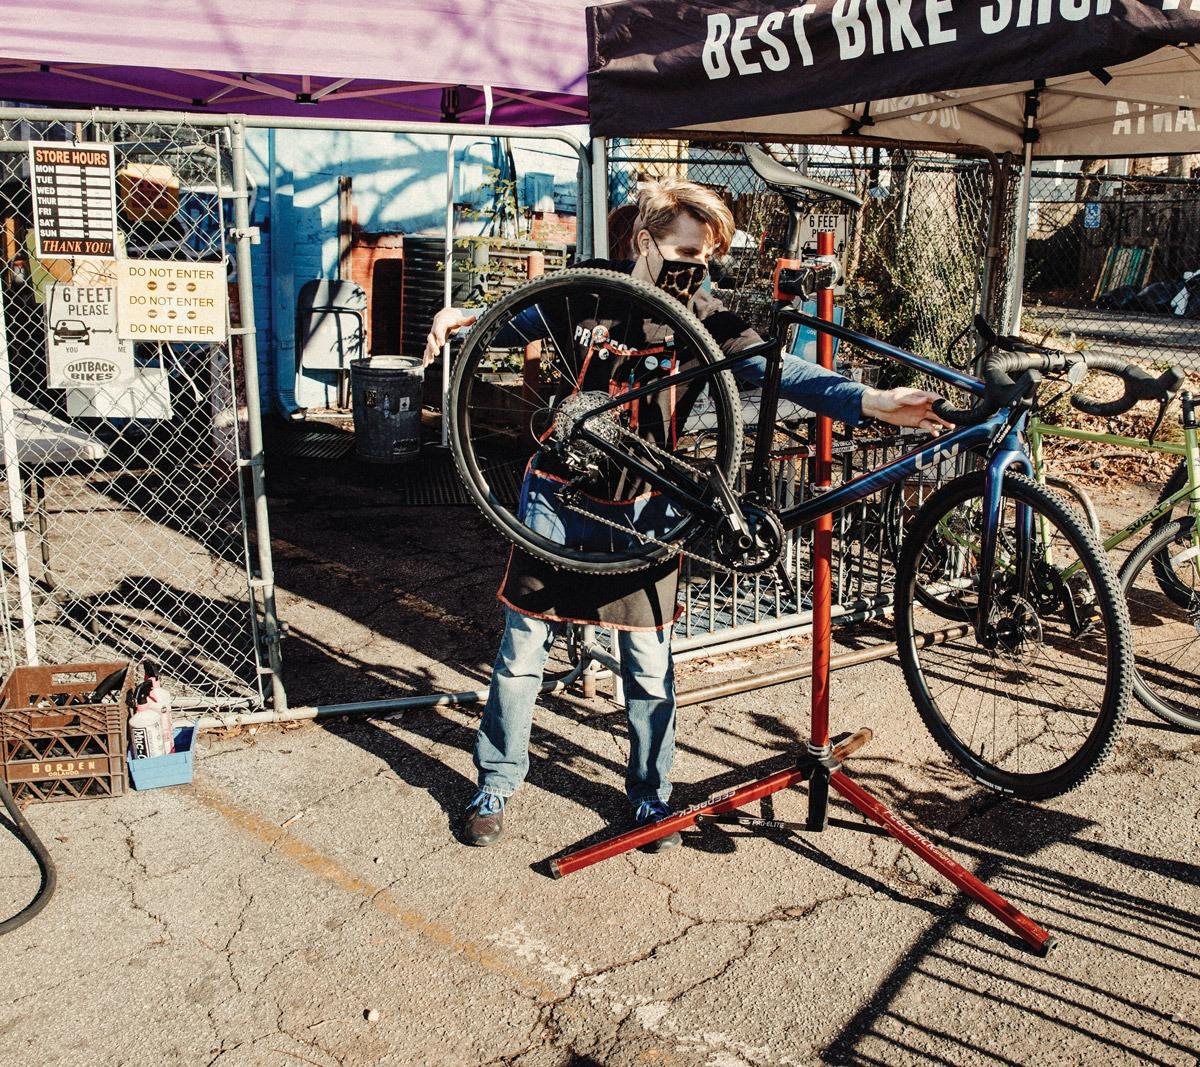 Pour les magasins de vélos locaux, la pandémie a été une leçon d'offre et de demande